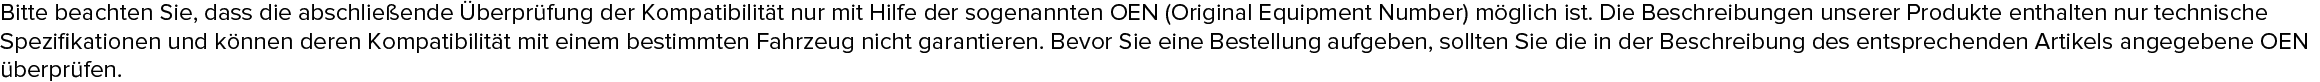 RIDEX 045 115 389C, 045 115 466 C, 68001297AA, 68001 297AA, K68001297AA Ölfilter